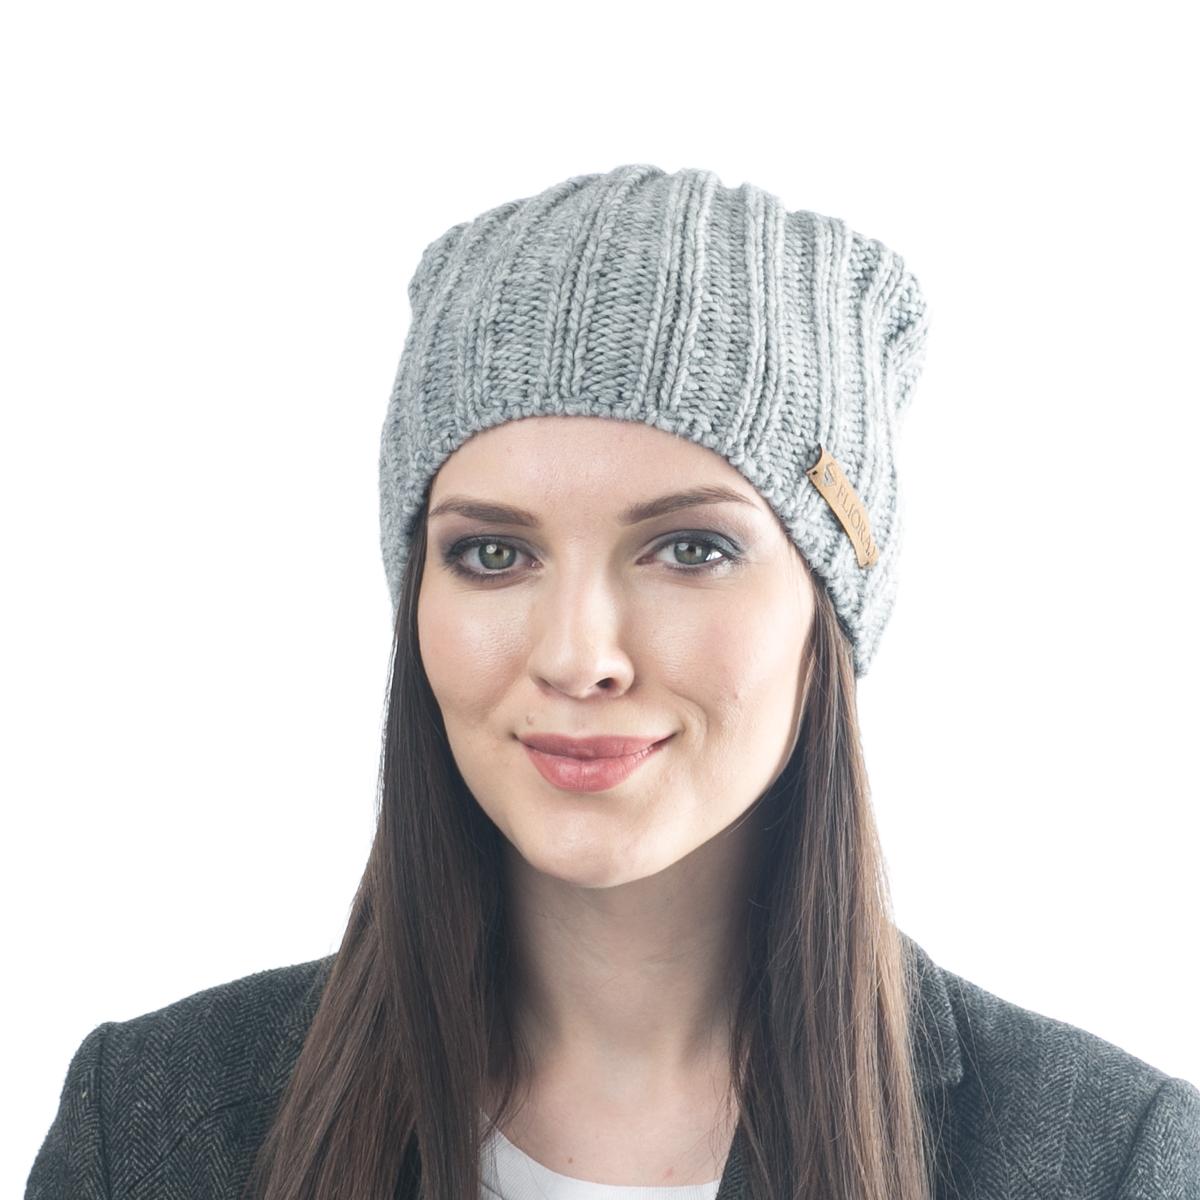 Шапка женская Flioraj, цвет: светло-серый. 06FJ. Размер 56/5806FJСтильная шерстяная шапка-колпачок от Flioraj, выполненная из шерсти с добавлением вискозы и полиакрила, отлично согреет в холодную погоду. Состав пряжи делает изделие мягким, теплым и комфортным. Модель выполнена актуальной резинкой, сбоку дополнена нашивкой из натуральной кожи.